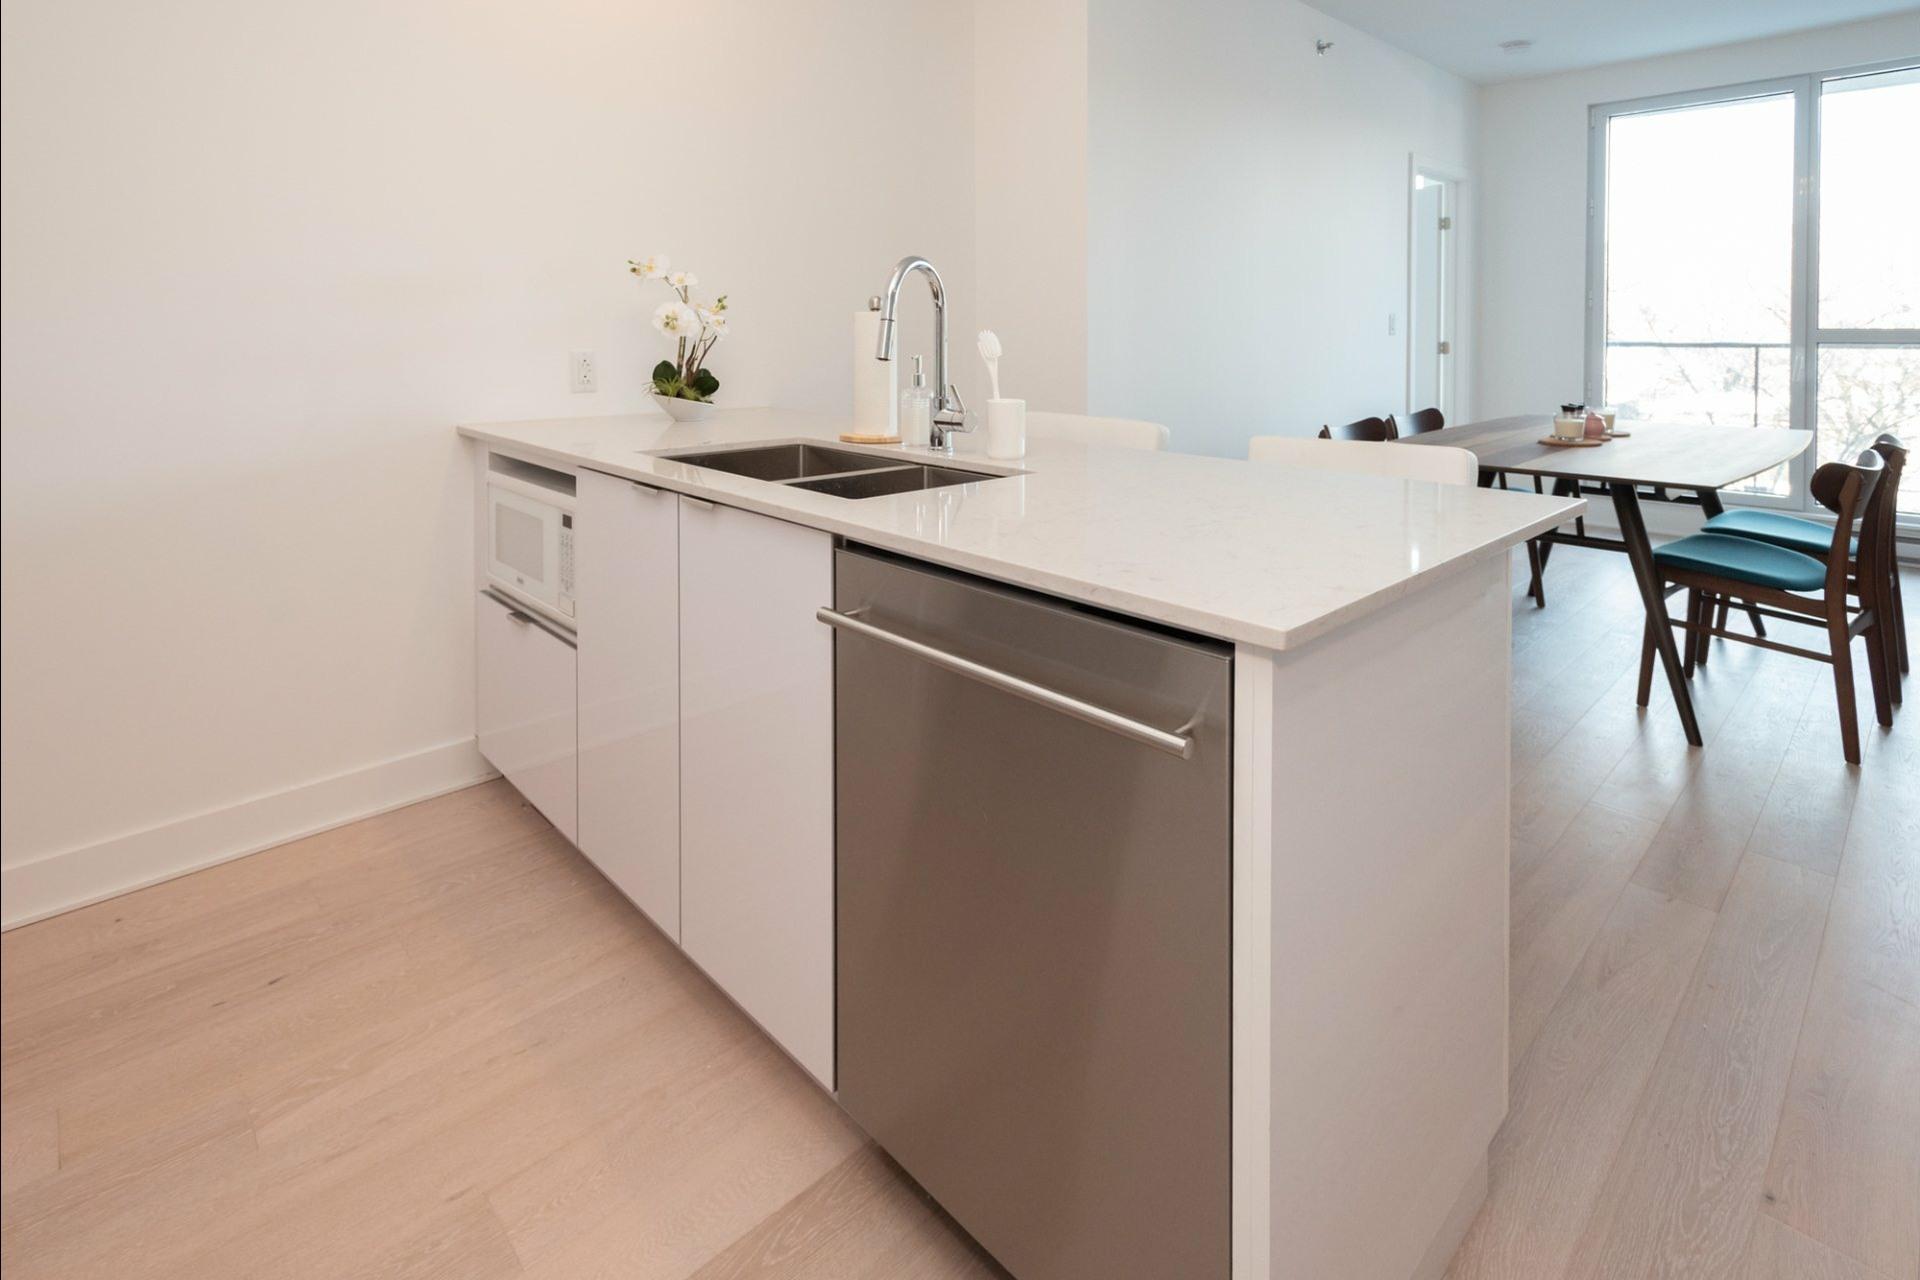 image 11 - Appartement À louer Côte-des-Neiges/Notre-Dame-de-Grâce Montréal  - 5 pièces